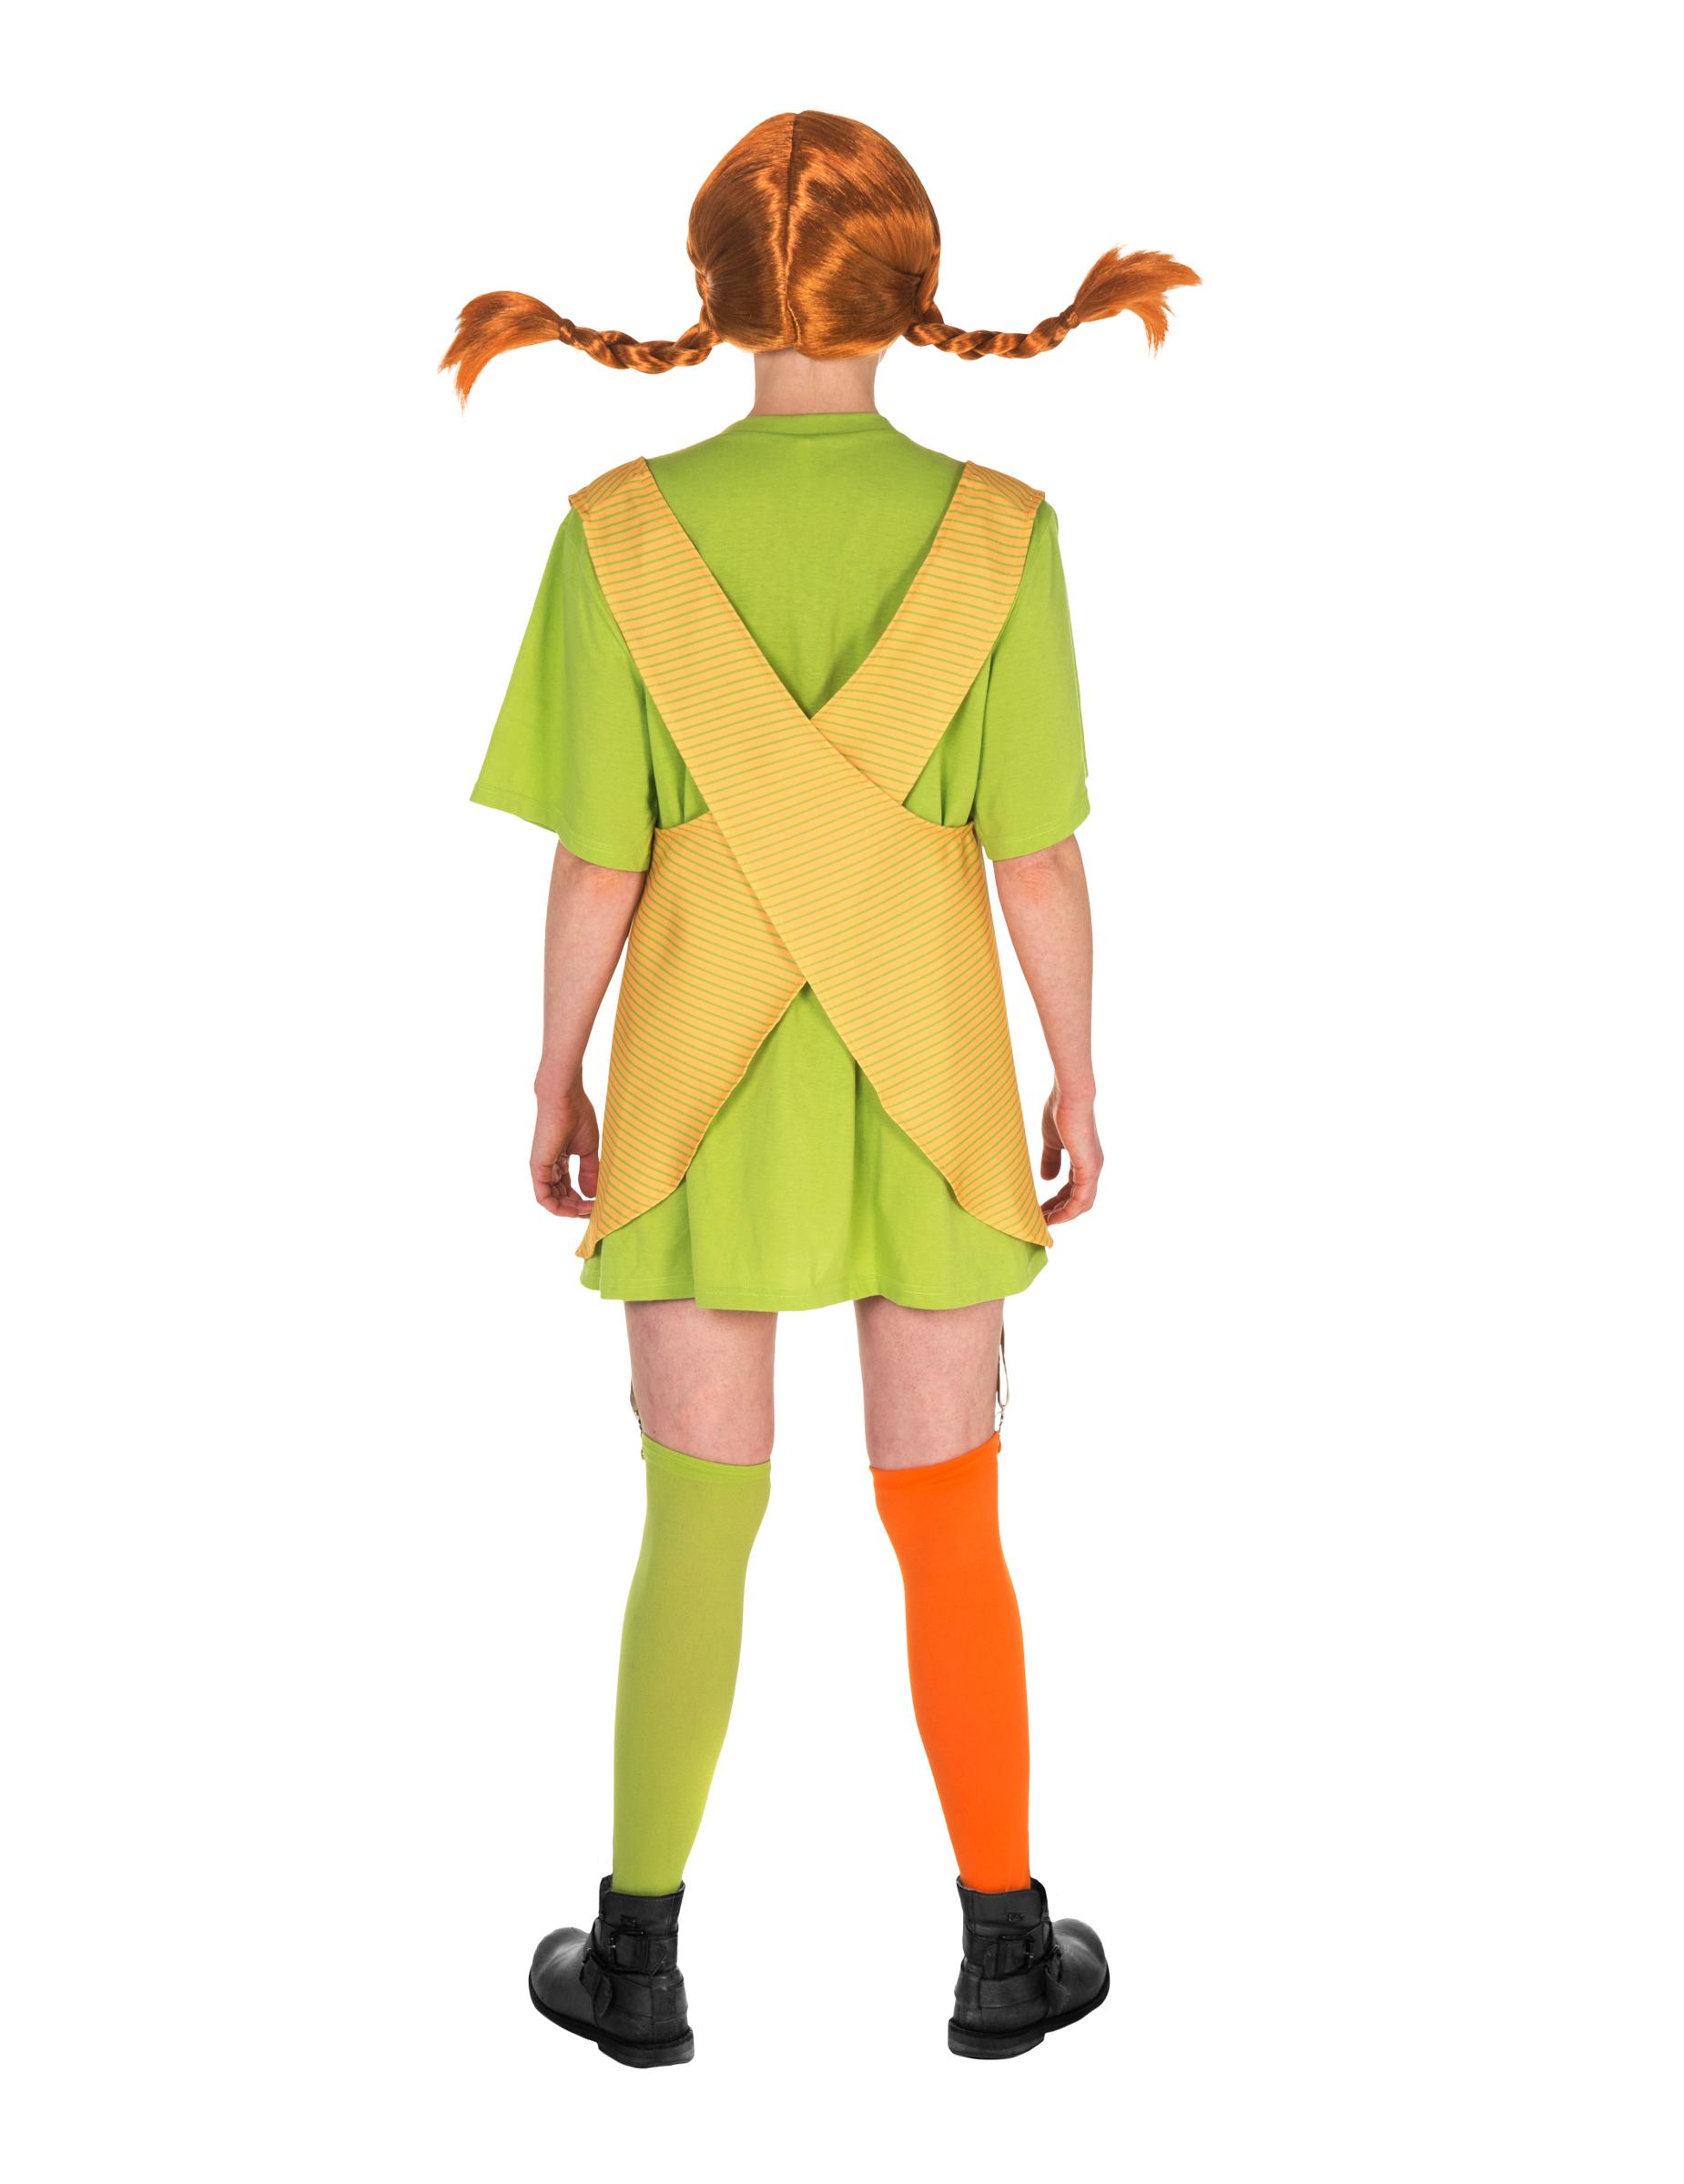 Costume da donna pippi calzelunghe™ su vegaooparty negozio di